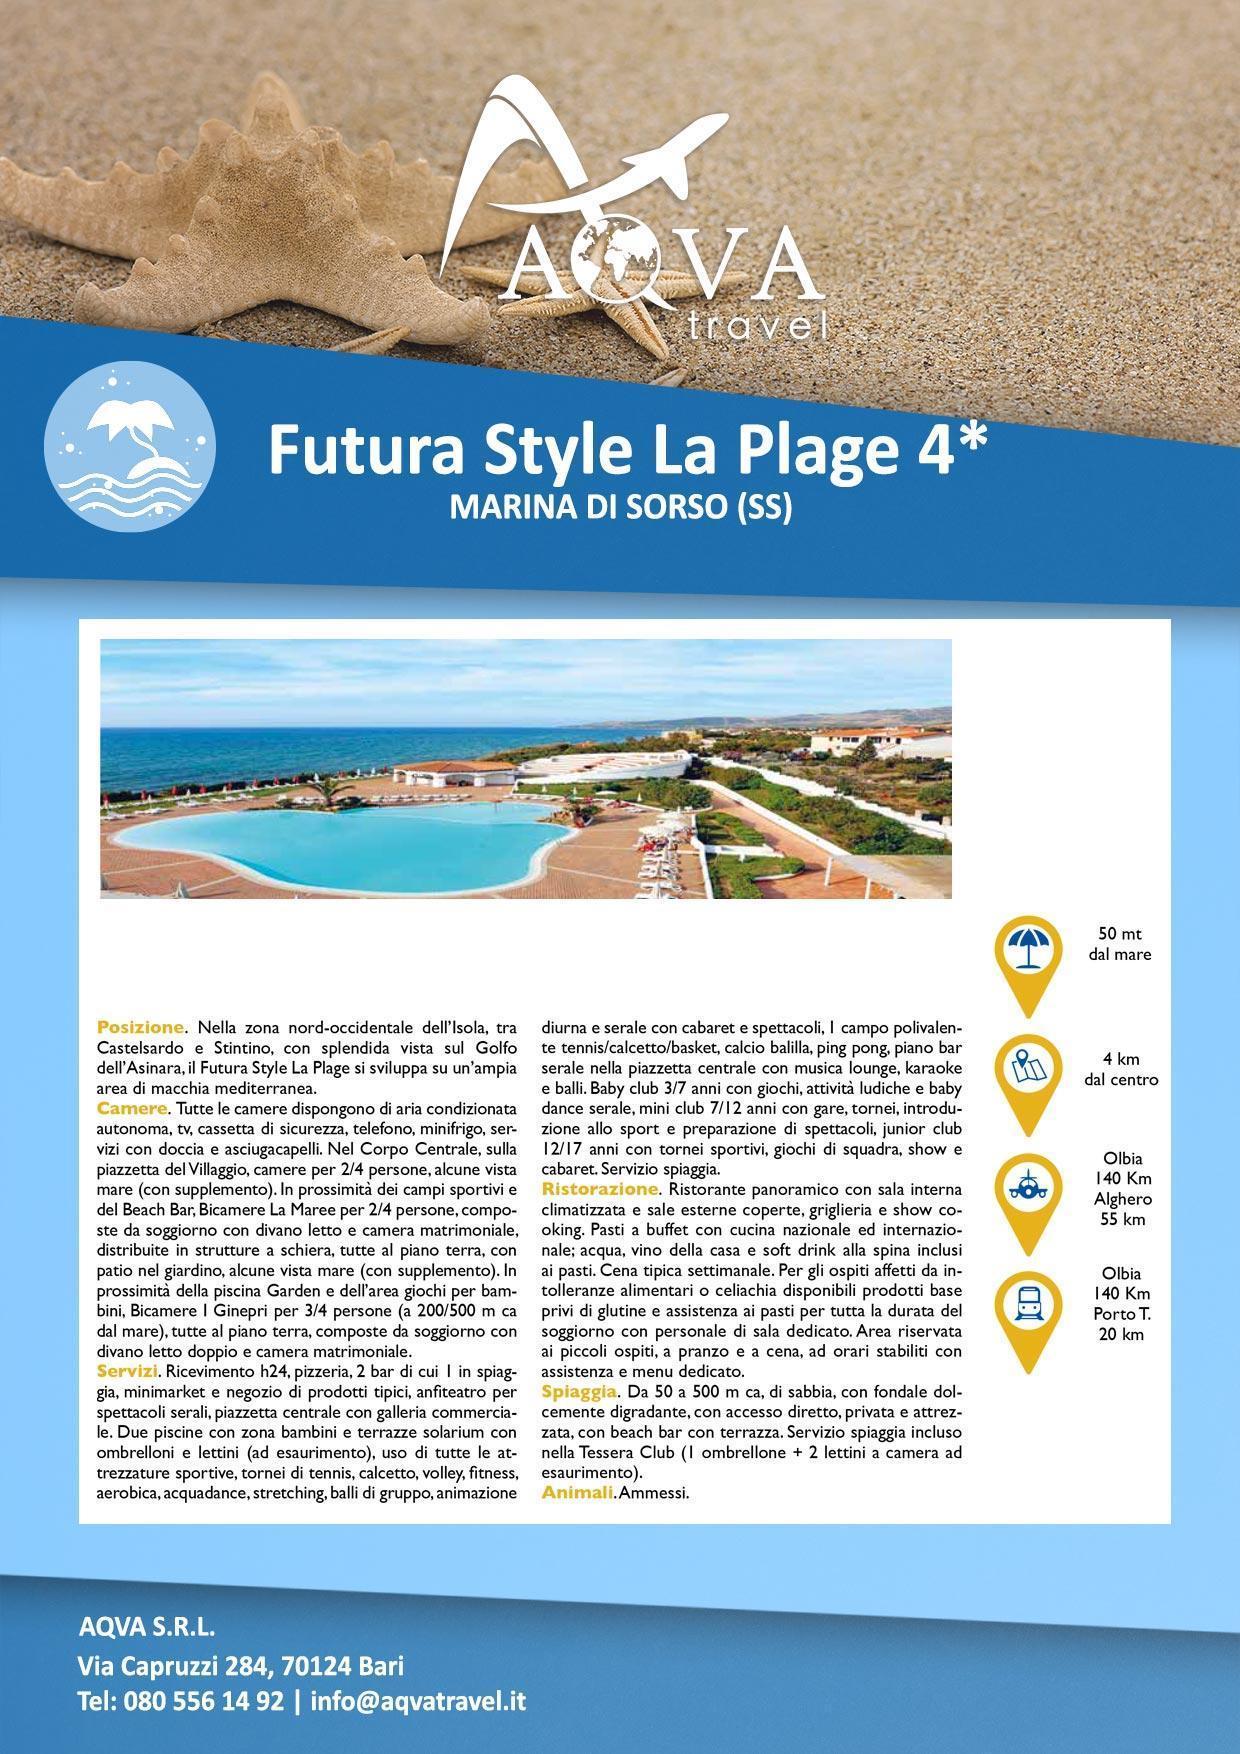 Futura-Style-La-Plage-4-Mare-offerte-agenzia-di-viaggi-Bari-AQVATRAVEL-it